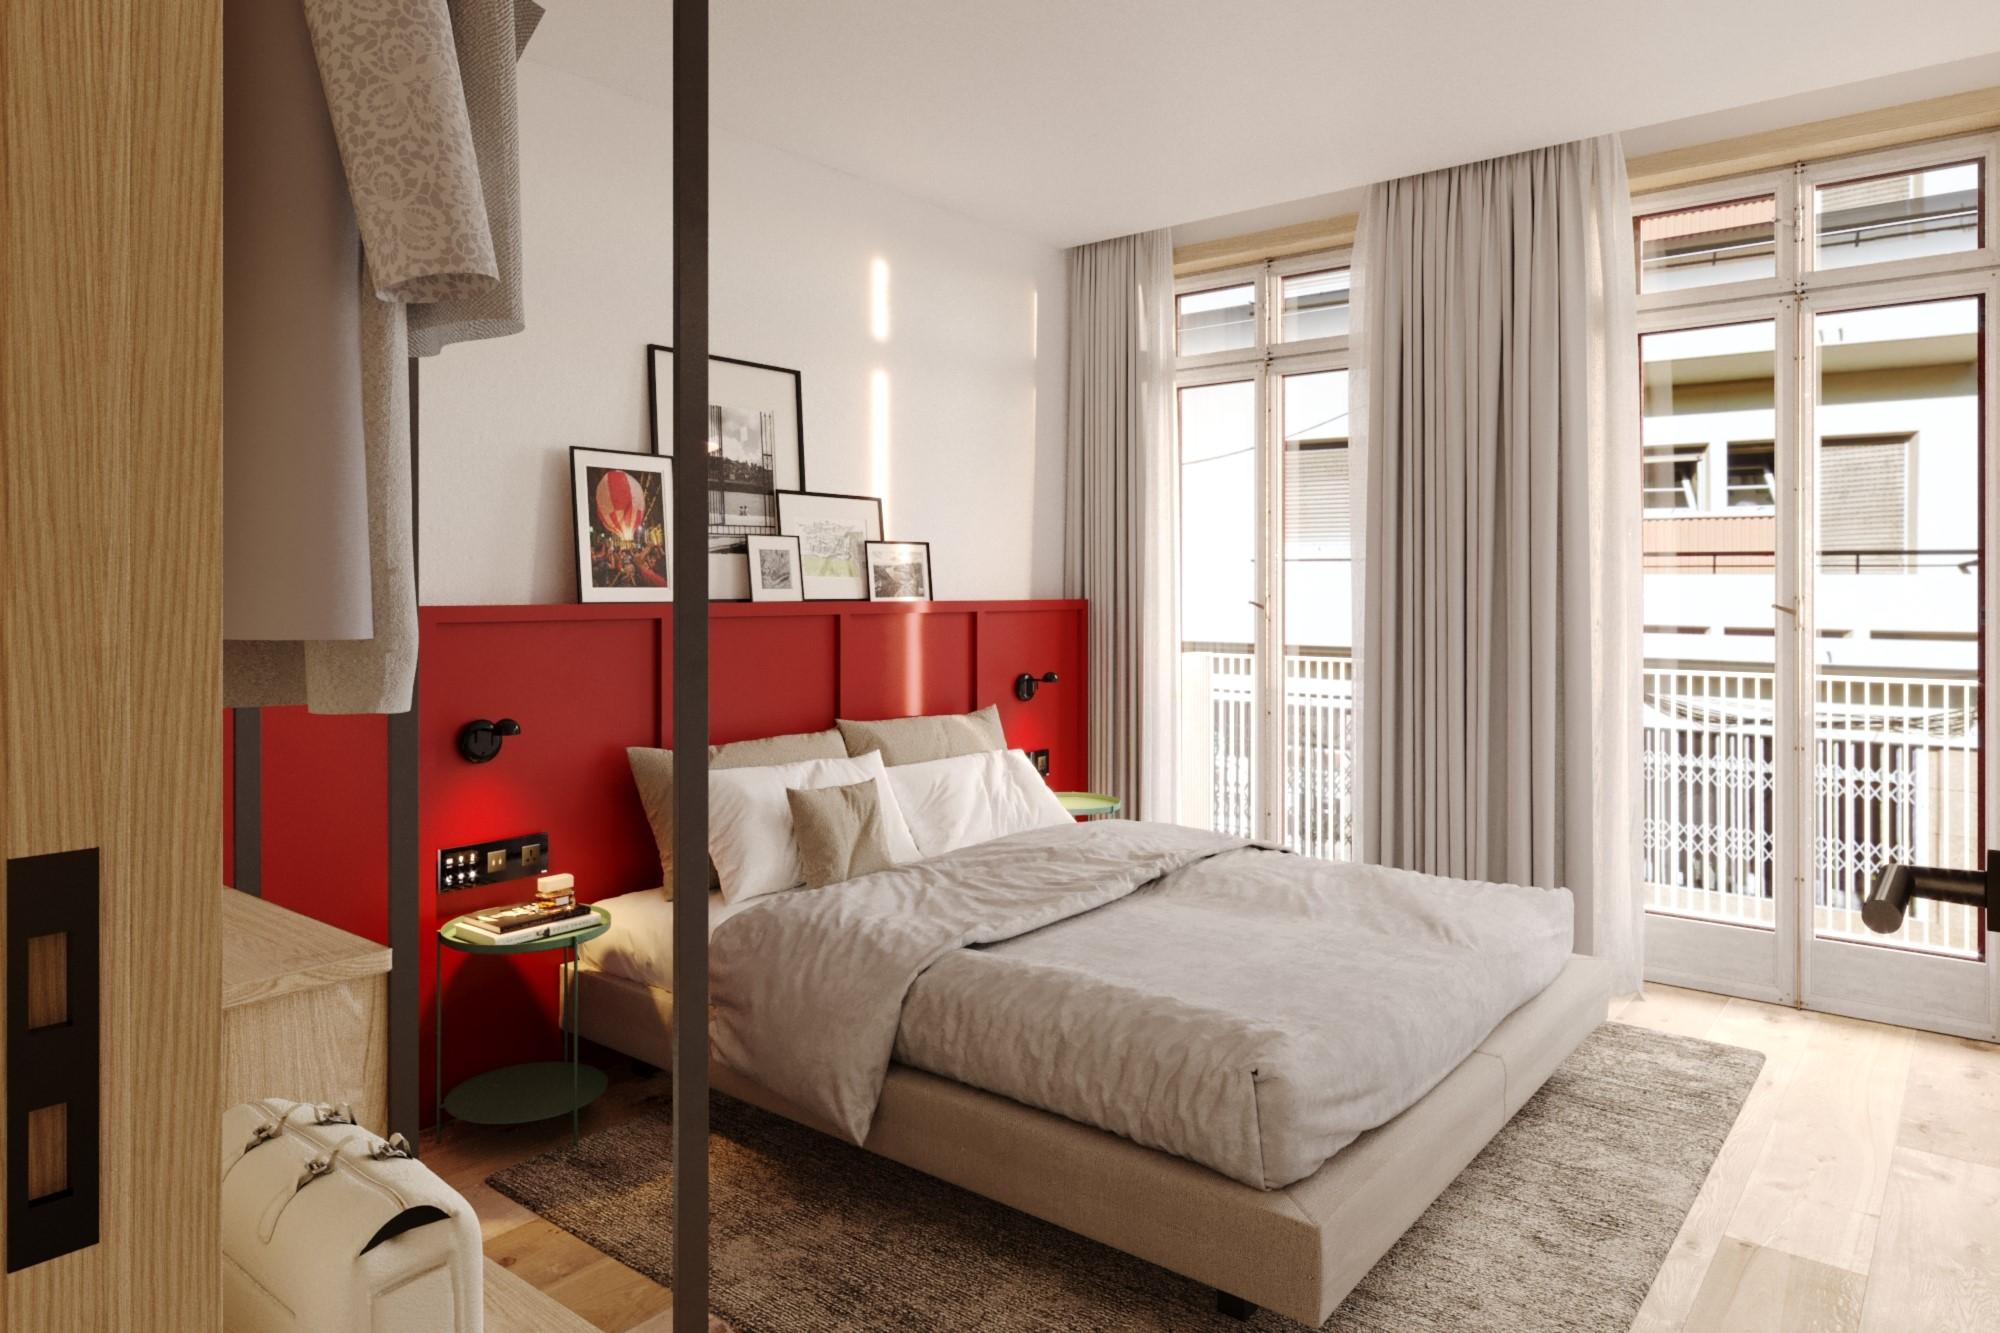 Dự án bao gồm 24 phòng rộng rãi và sáng sủa, theo tiêu chí Suites tiêu chuẩn